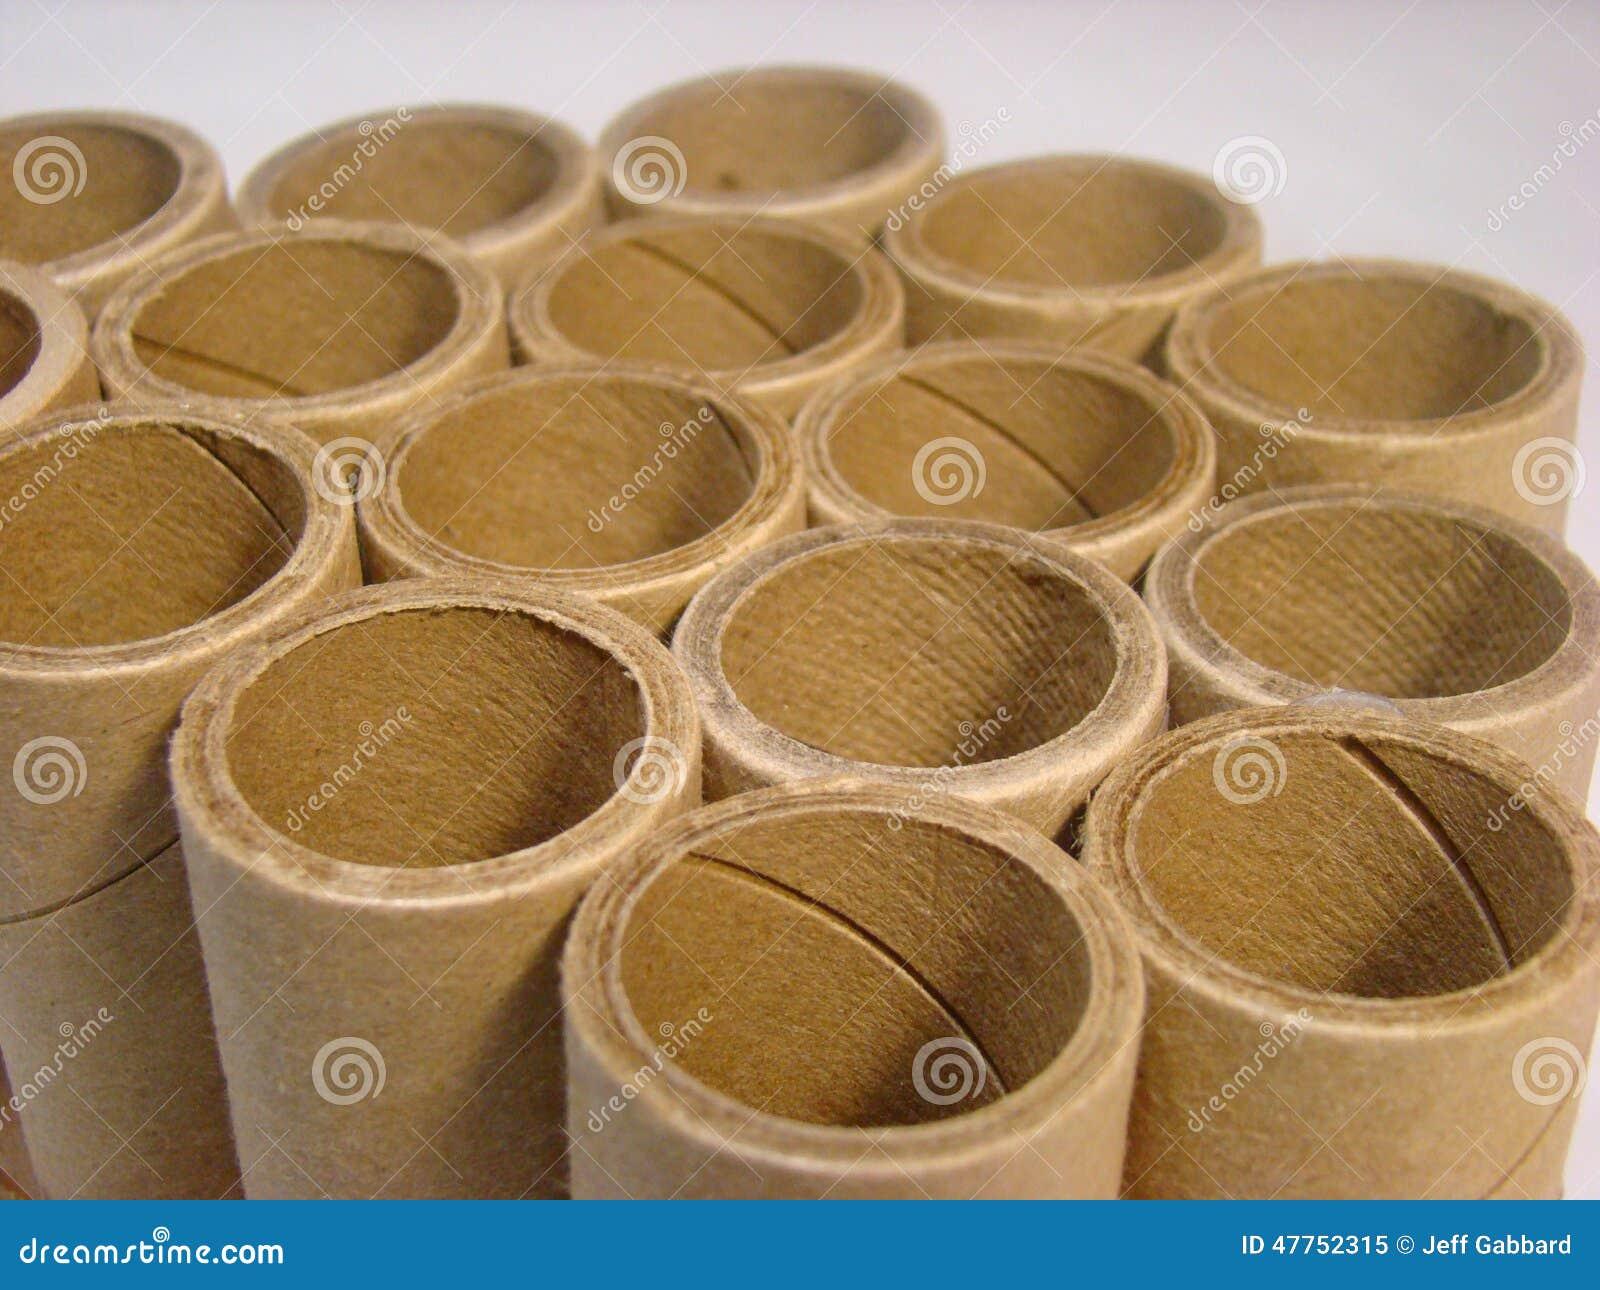 Gruppo di tubi di cartone fotografia stock immagine for Tubi cartone